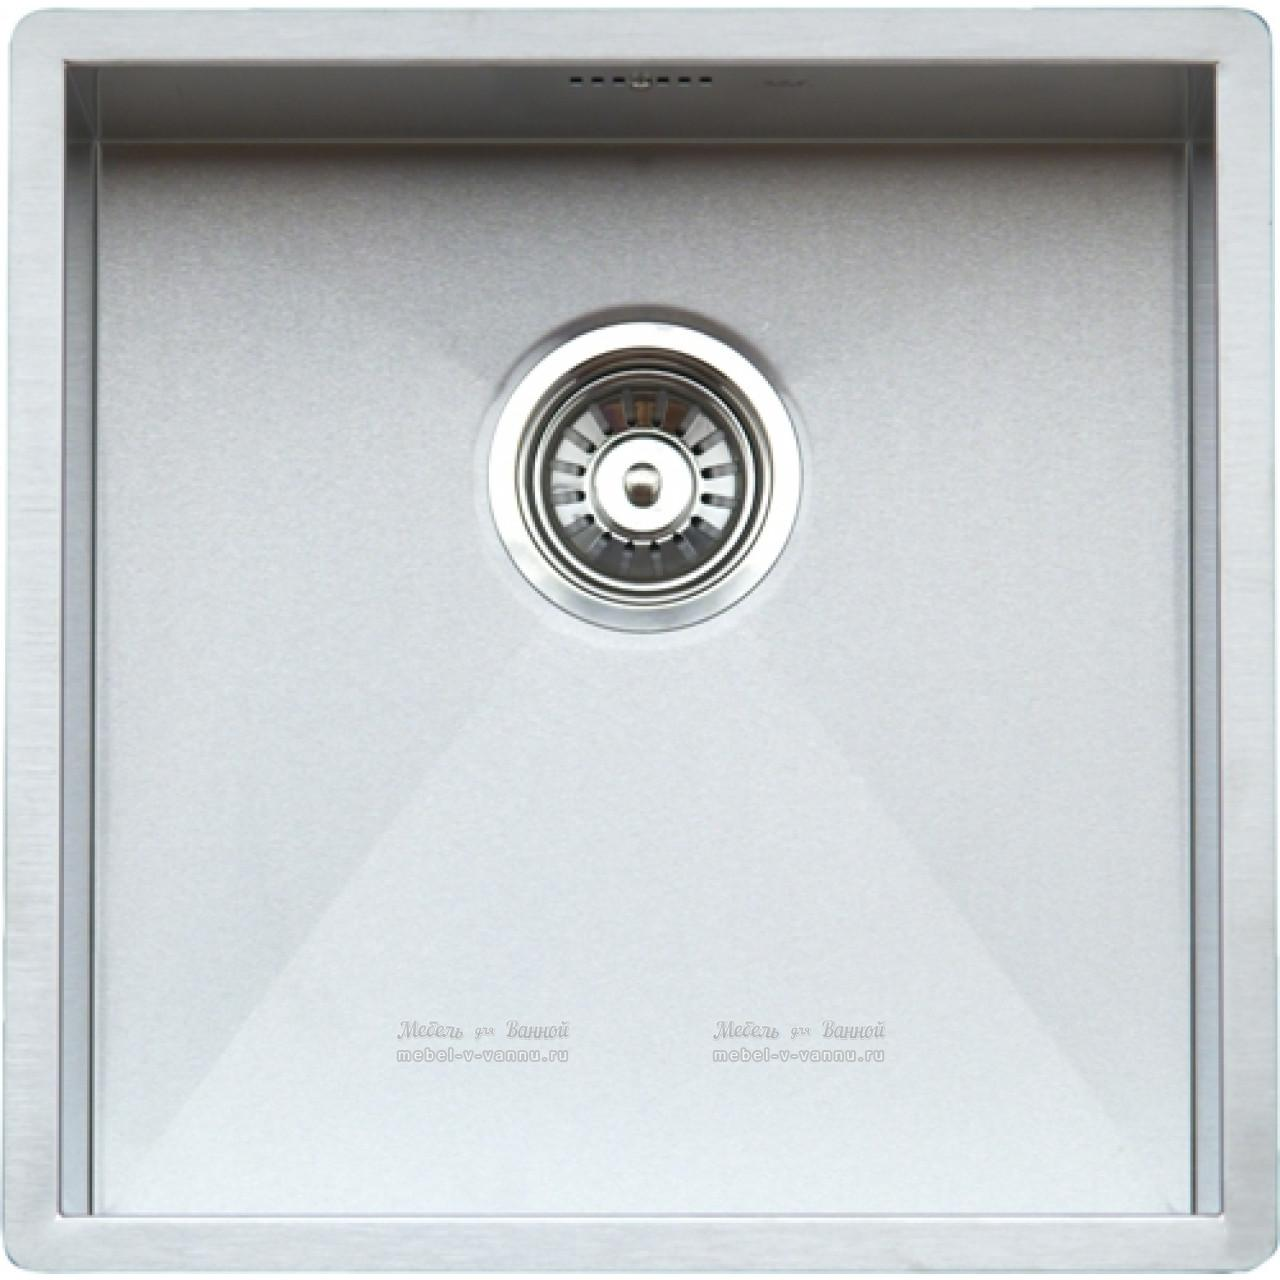 Кухонная мойка Reginox Ontario 440x440 Cuadrat OKG 37848 купить в Москве по цене от 28870р. в интернет-магазине mebel-v-vannu.ru